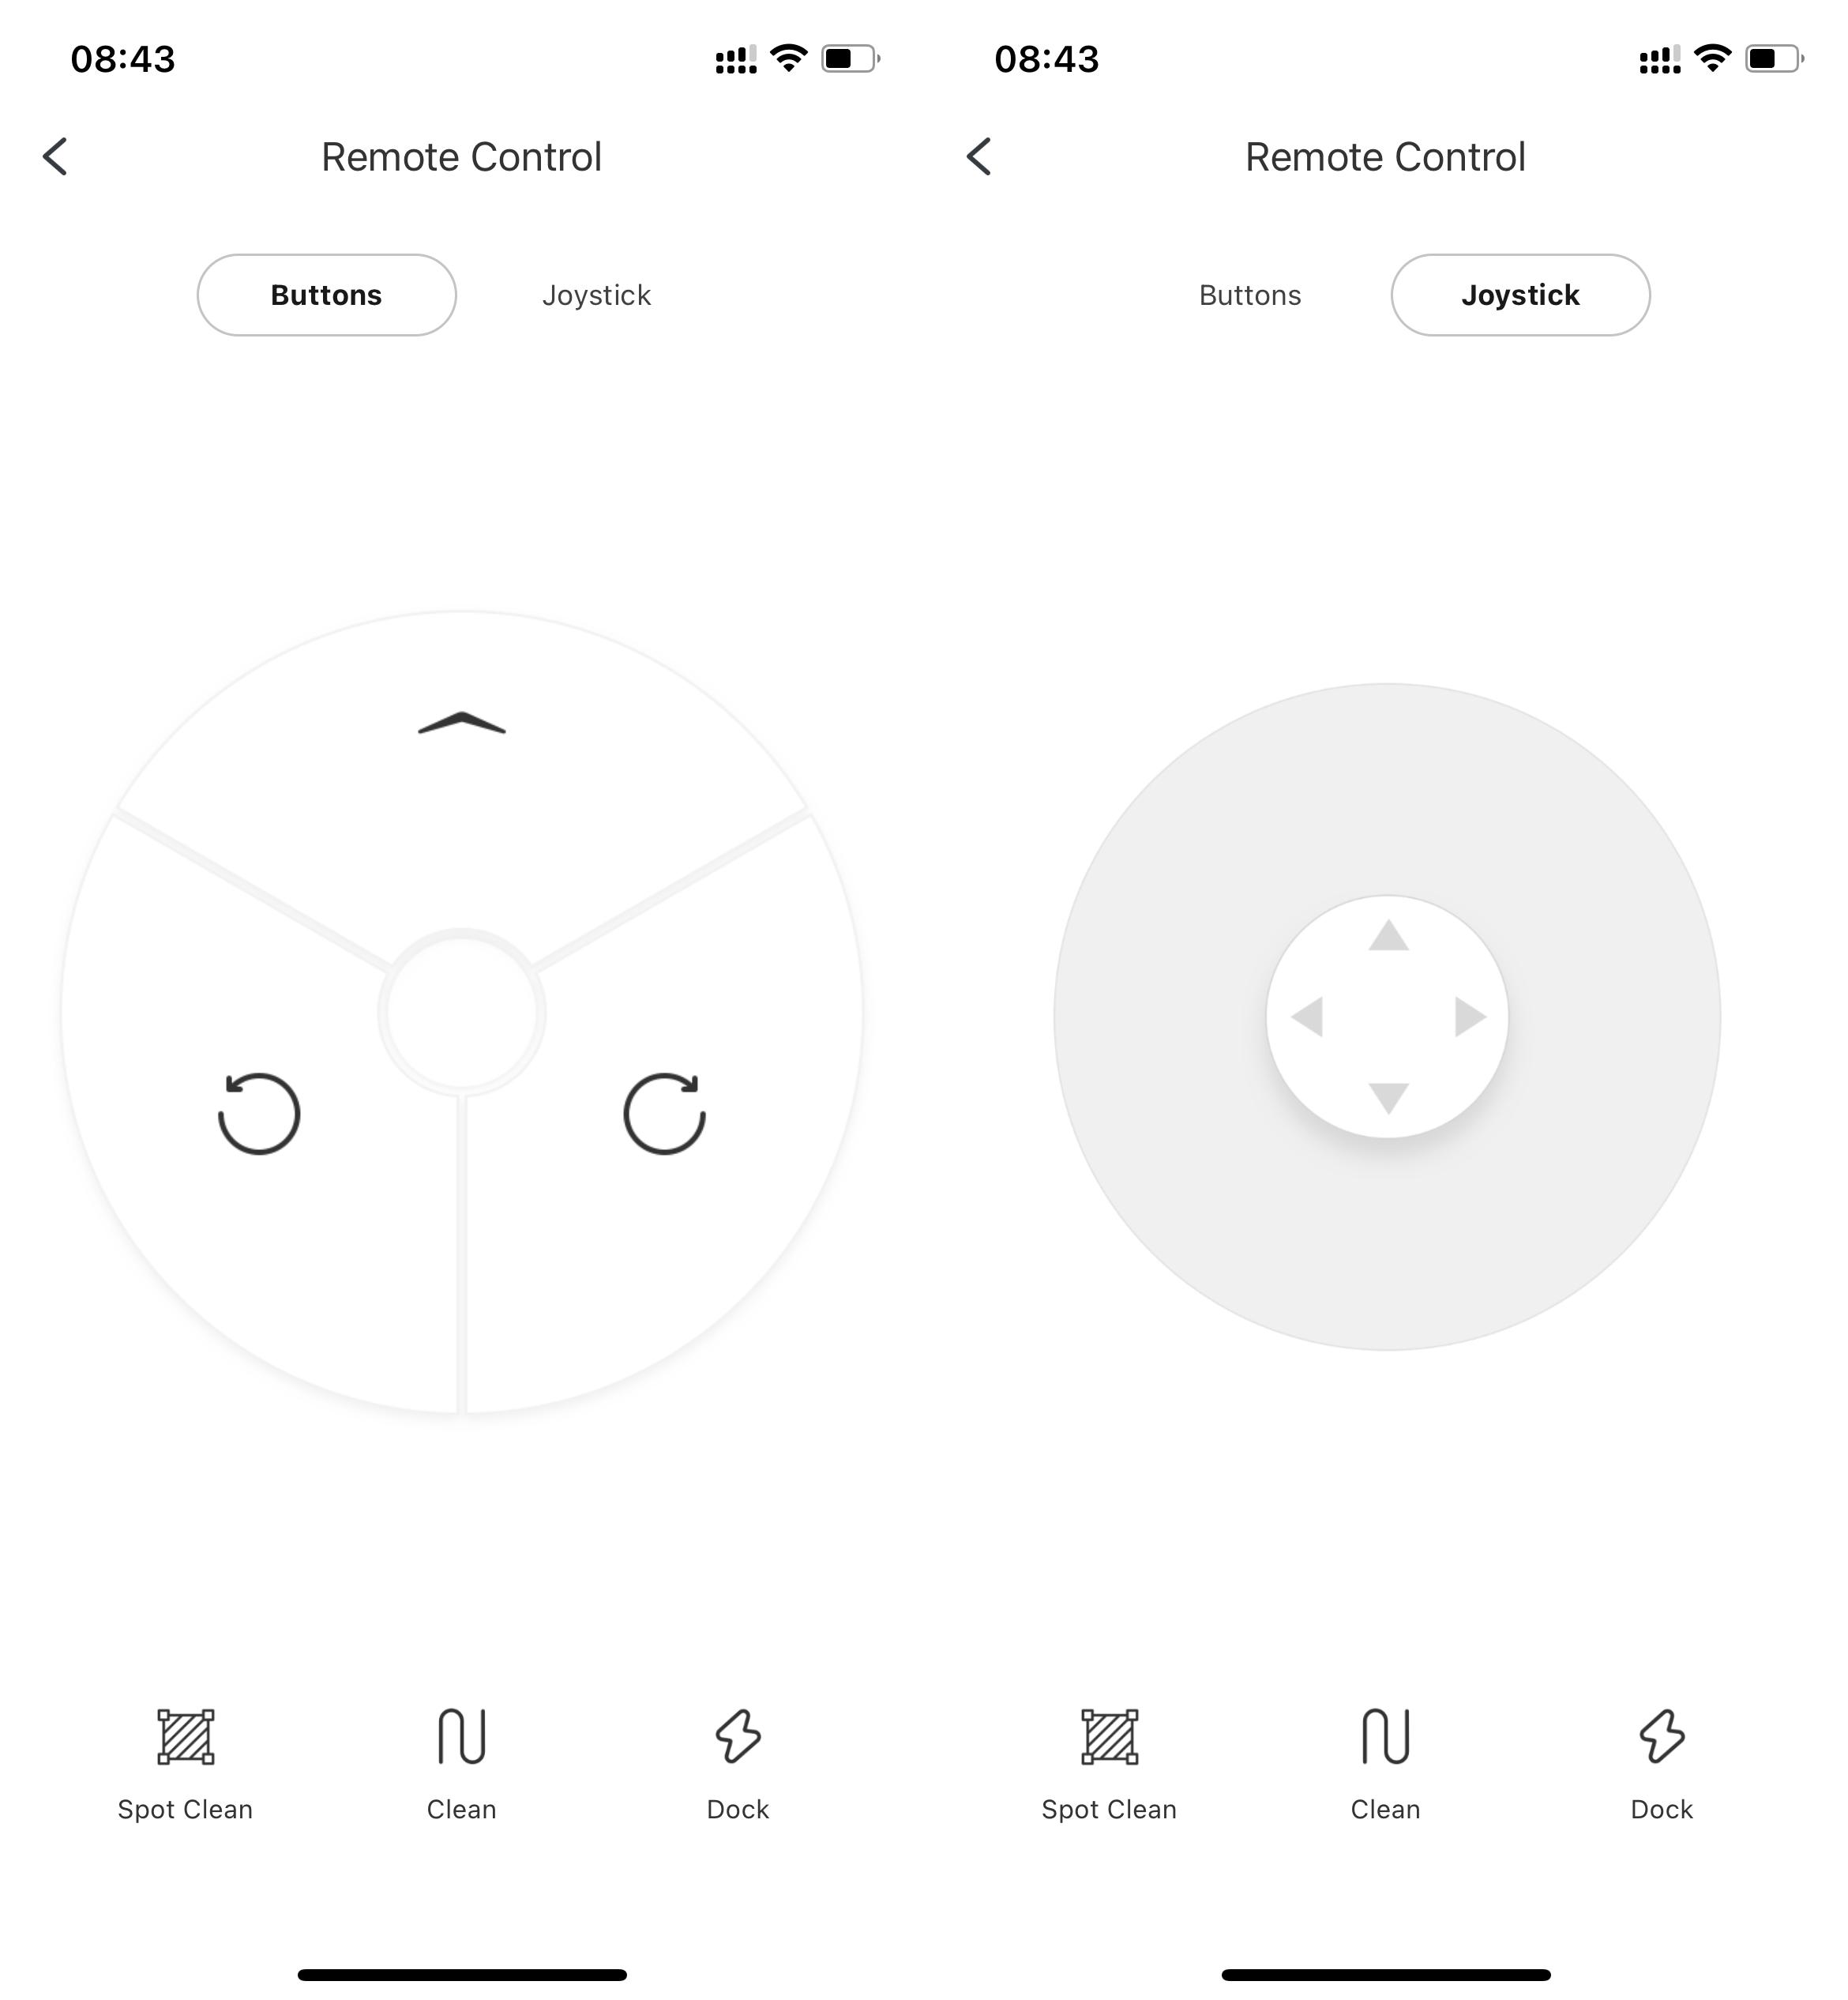 Roborock Remote Control App